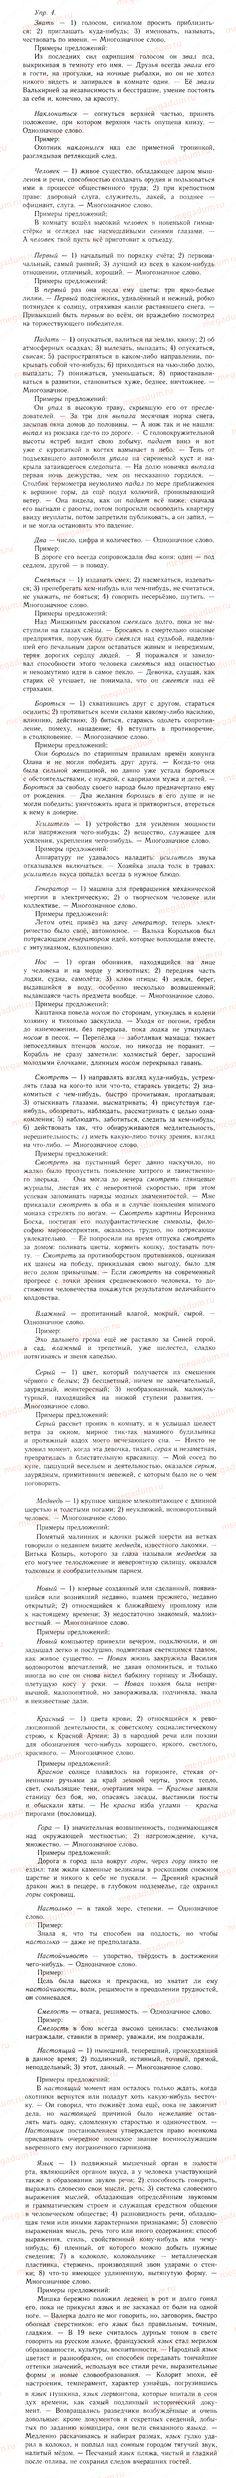 Ответ 4 - Русский язык 10-11 класс Гольцова, Шамшин